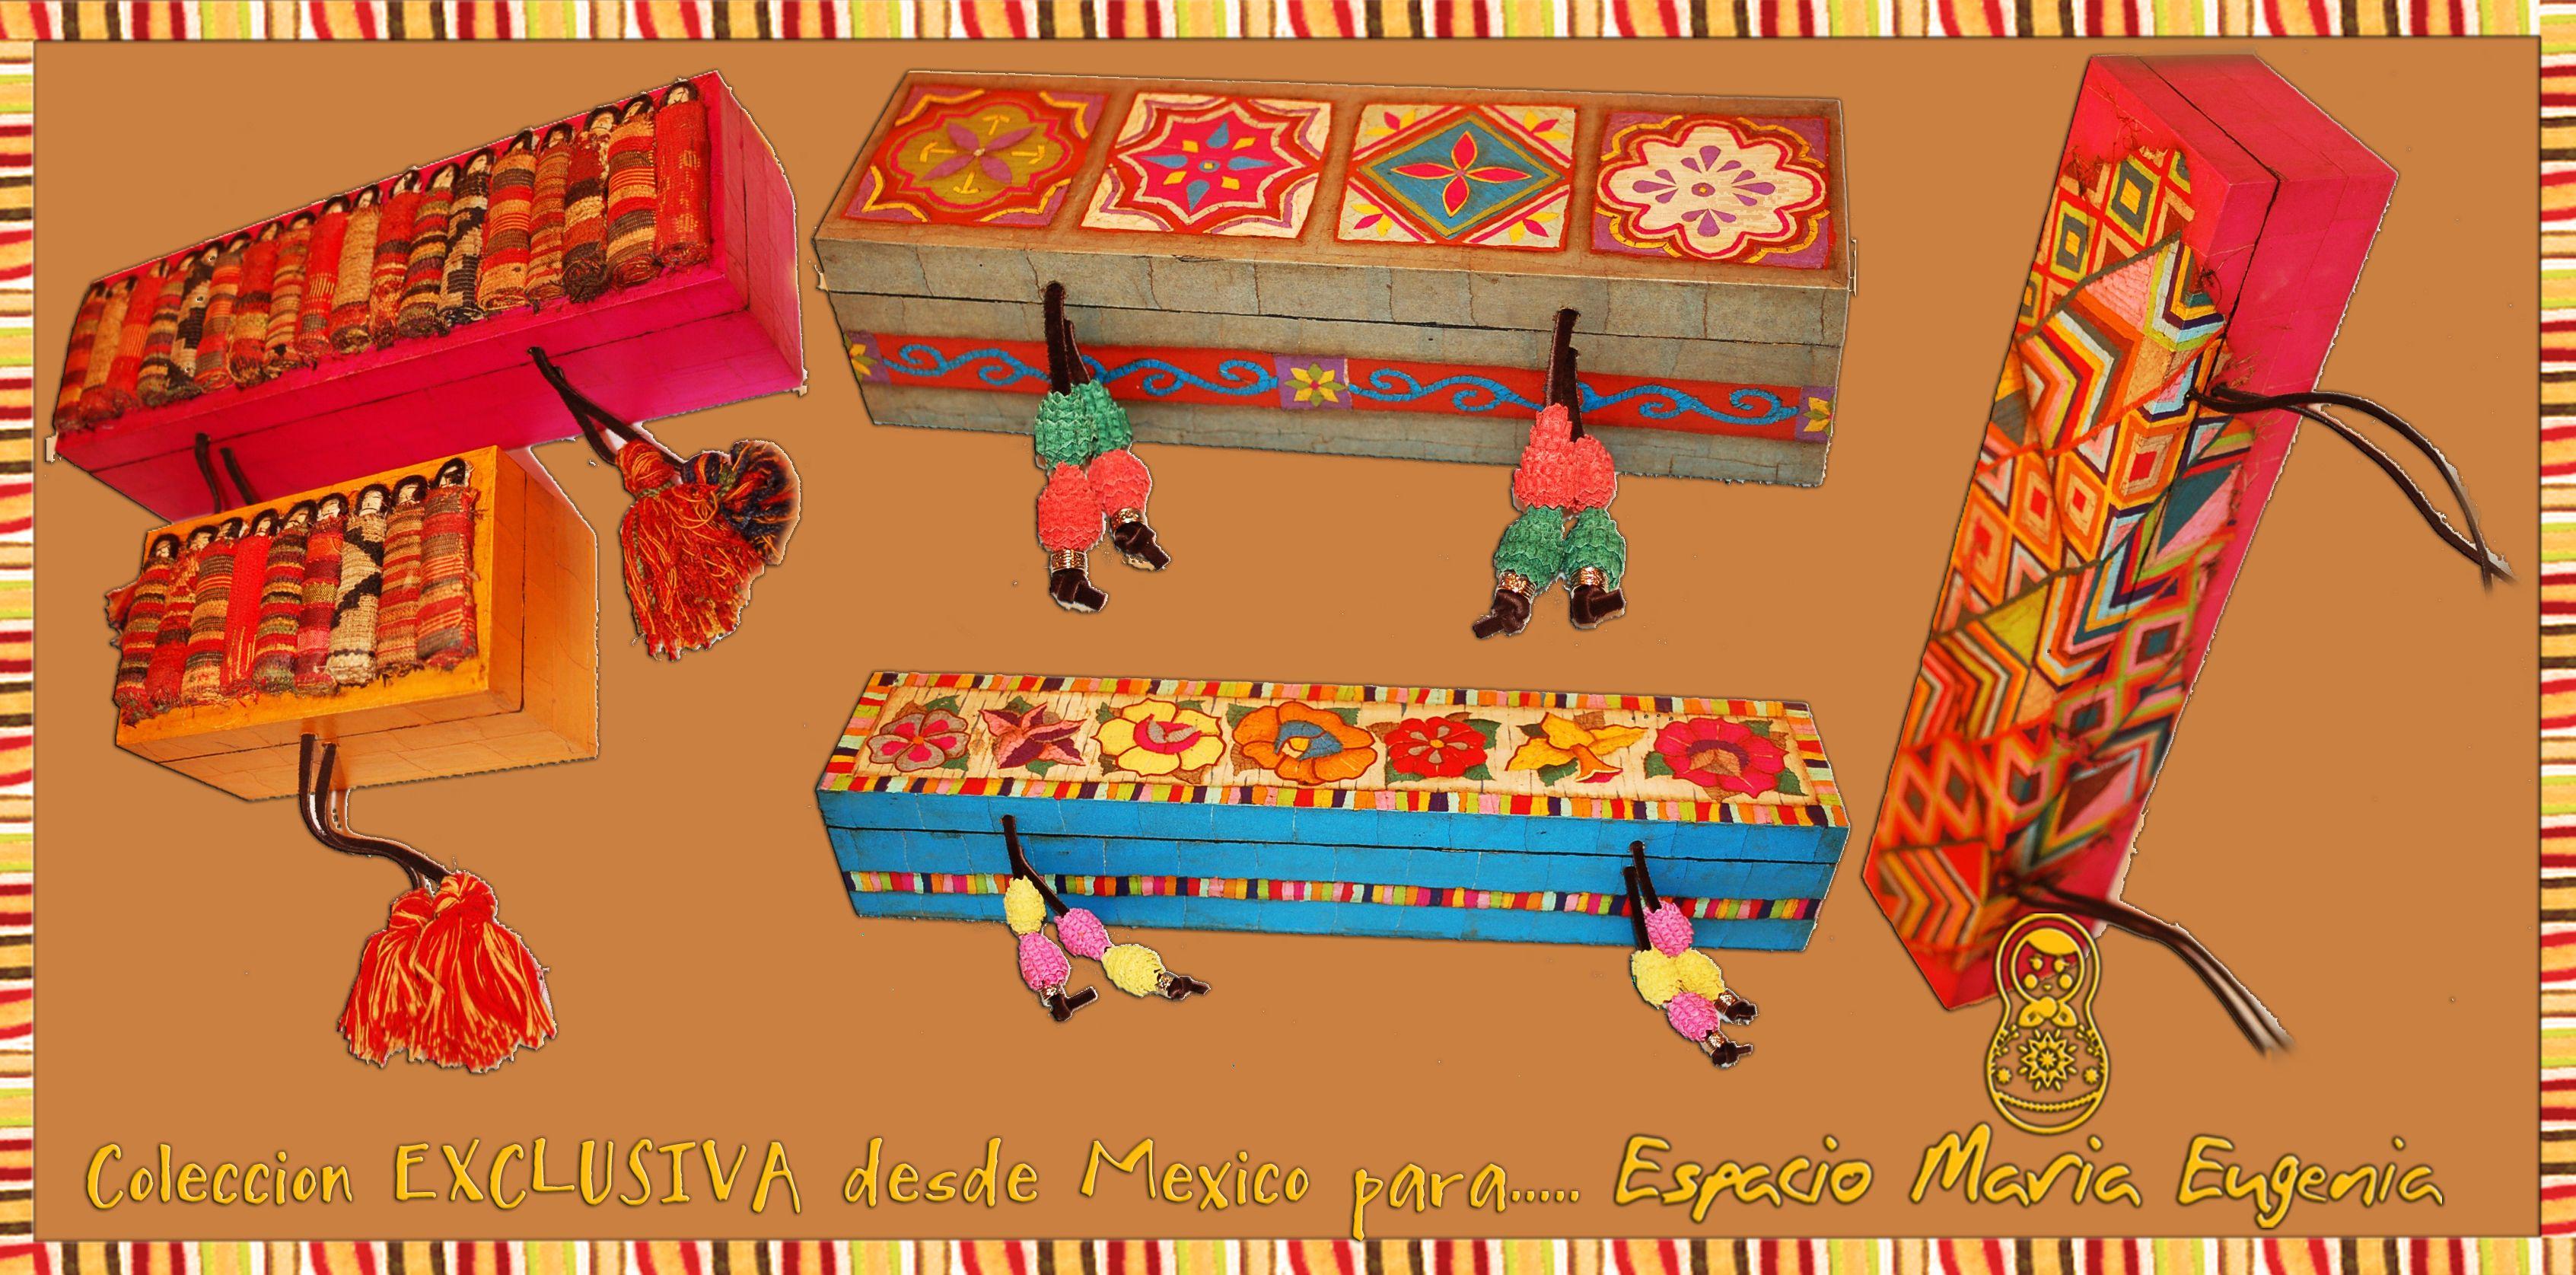 Cajas mexicanas confeccionadas totalmente a mano - Piezas artísticas únicas - Espacio María Eugenia